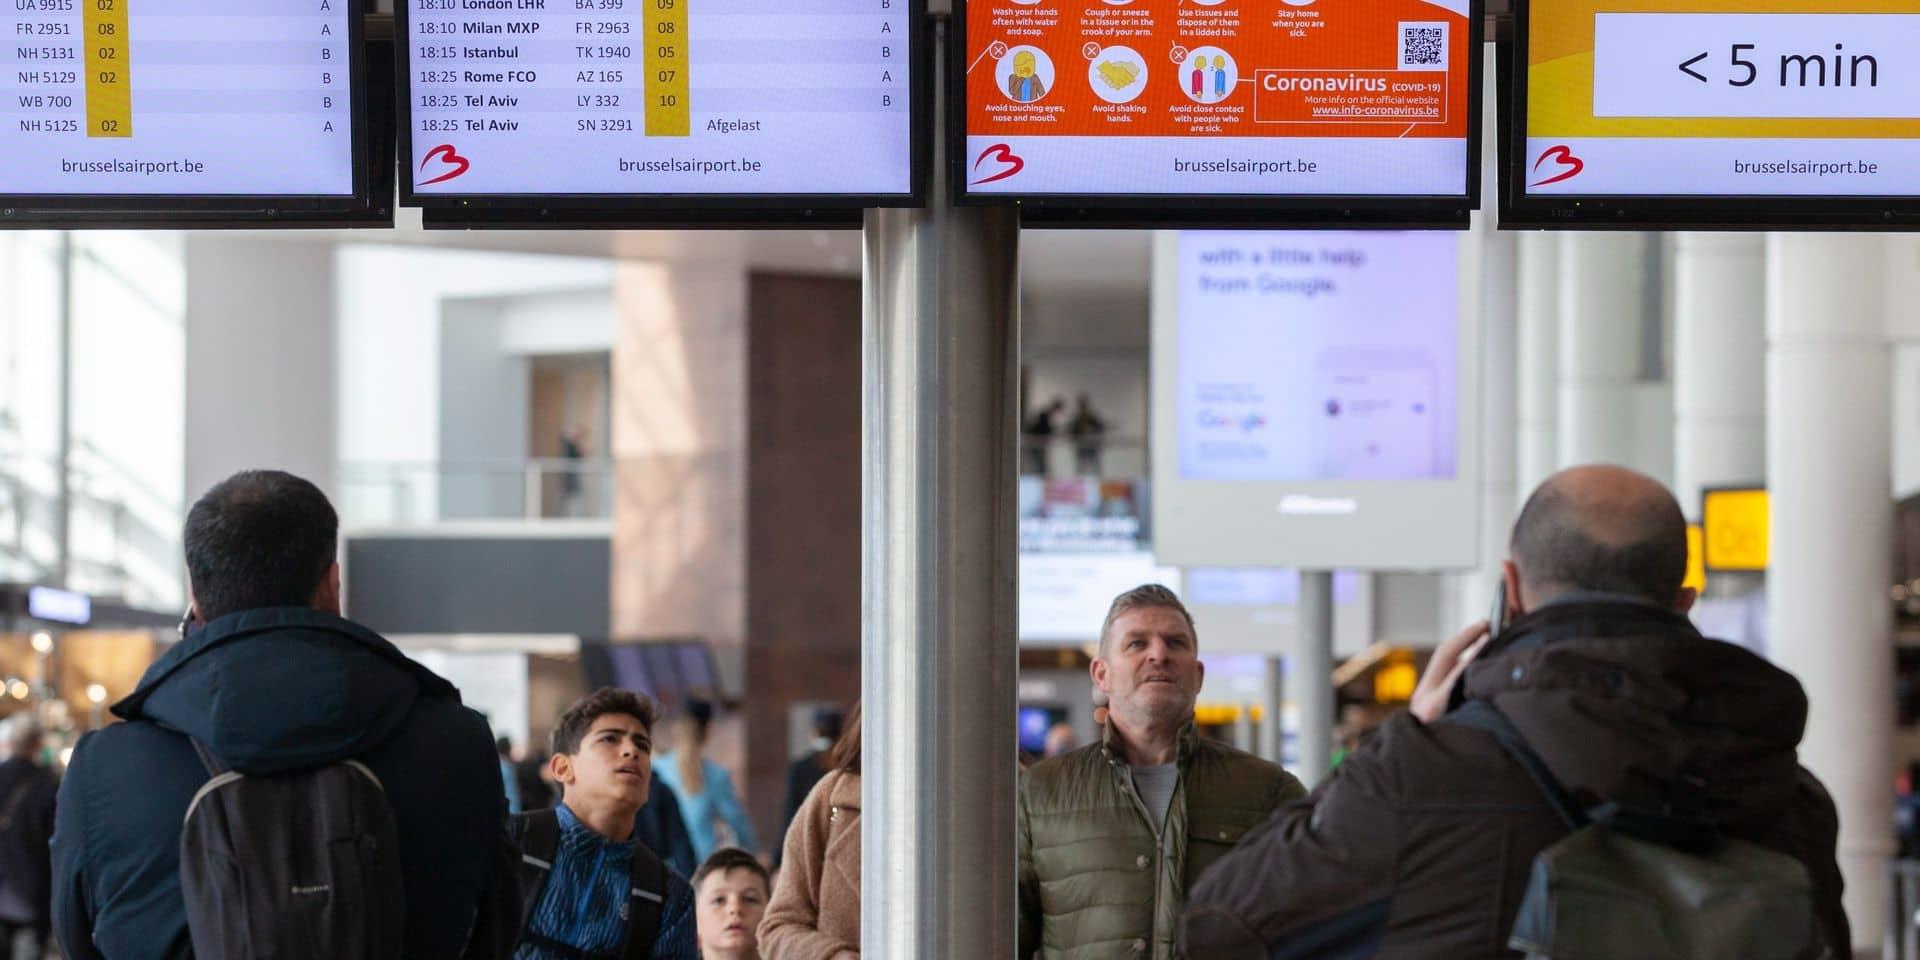 Faut-il obligatoirement se mettre en quarantaine après un voyage en avion ?